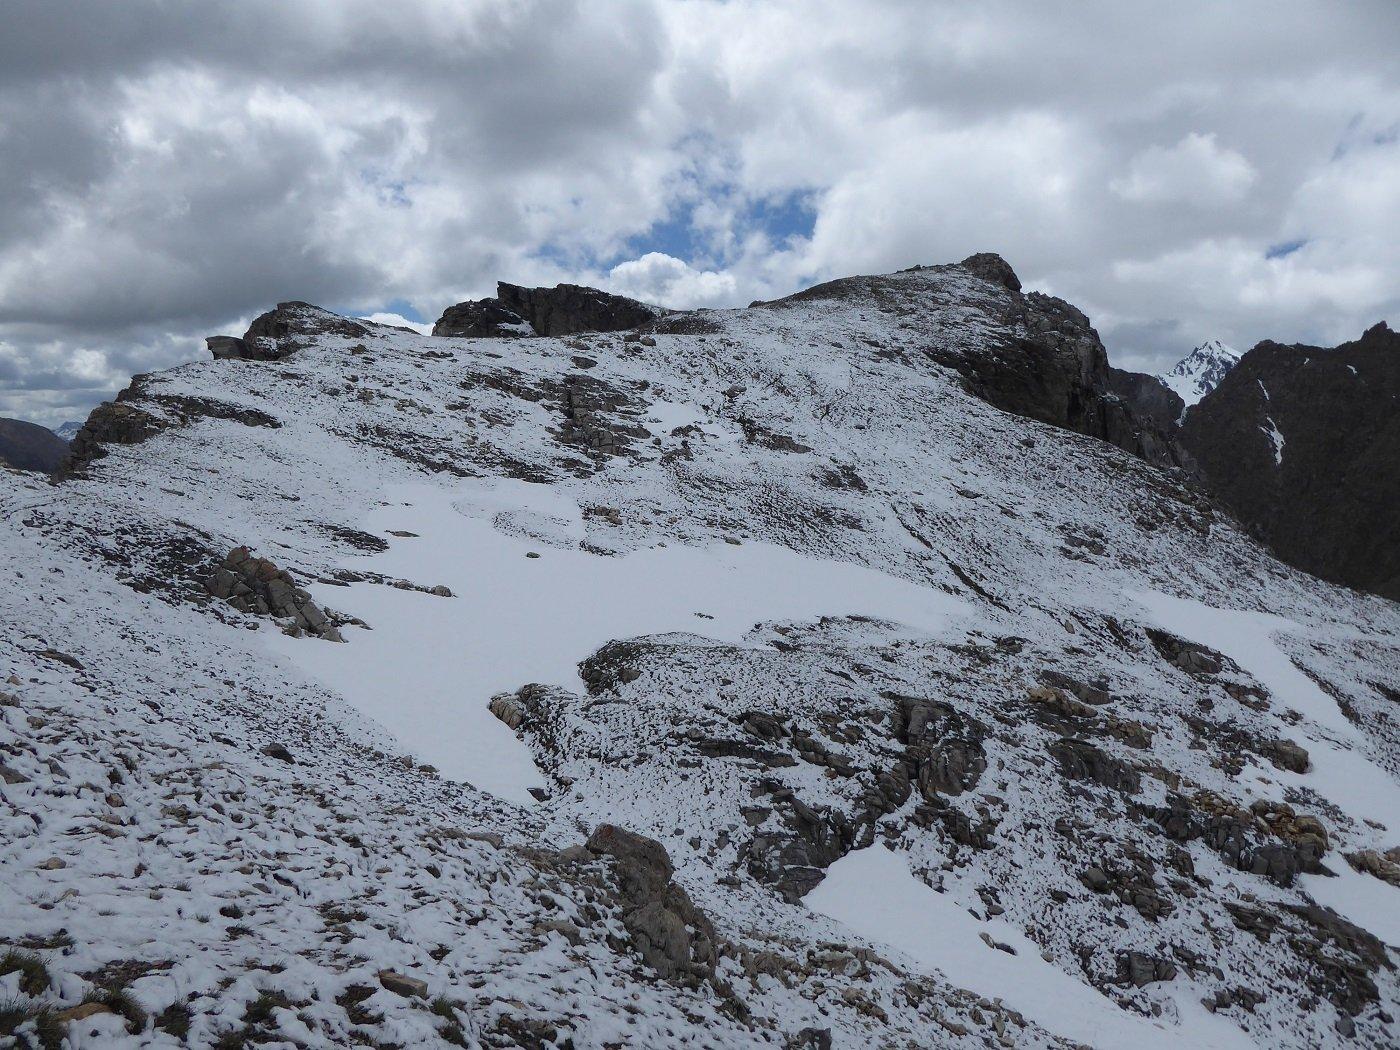 Anticima e cima viste dai pressi del Pertus.